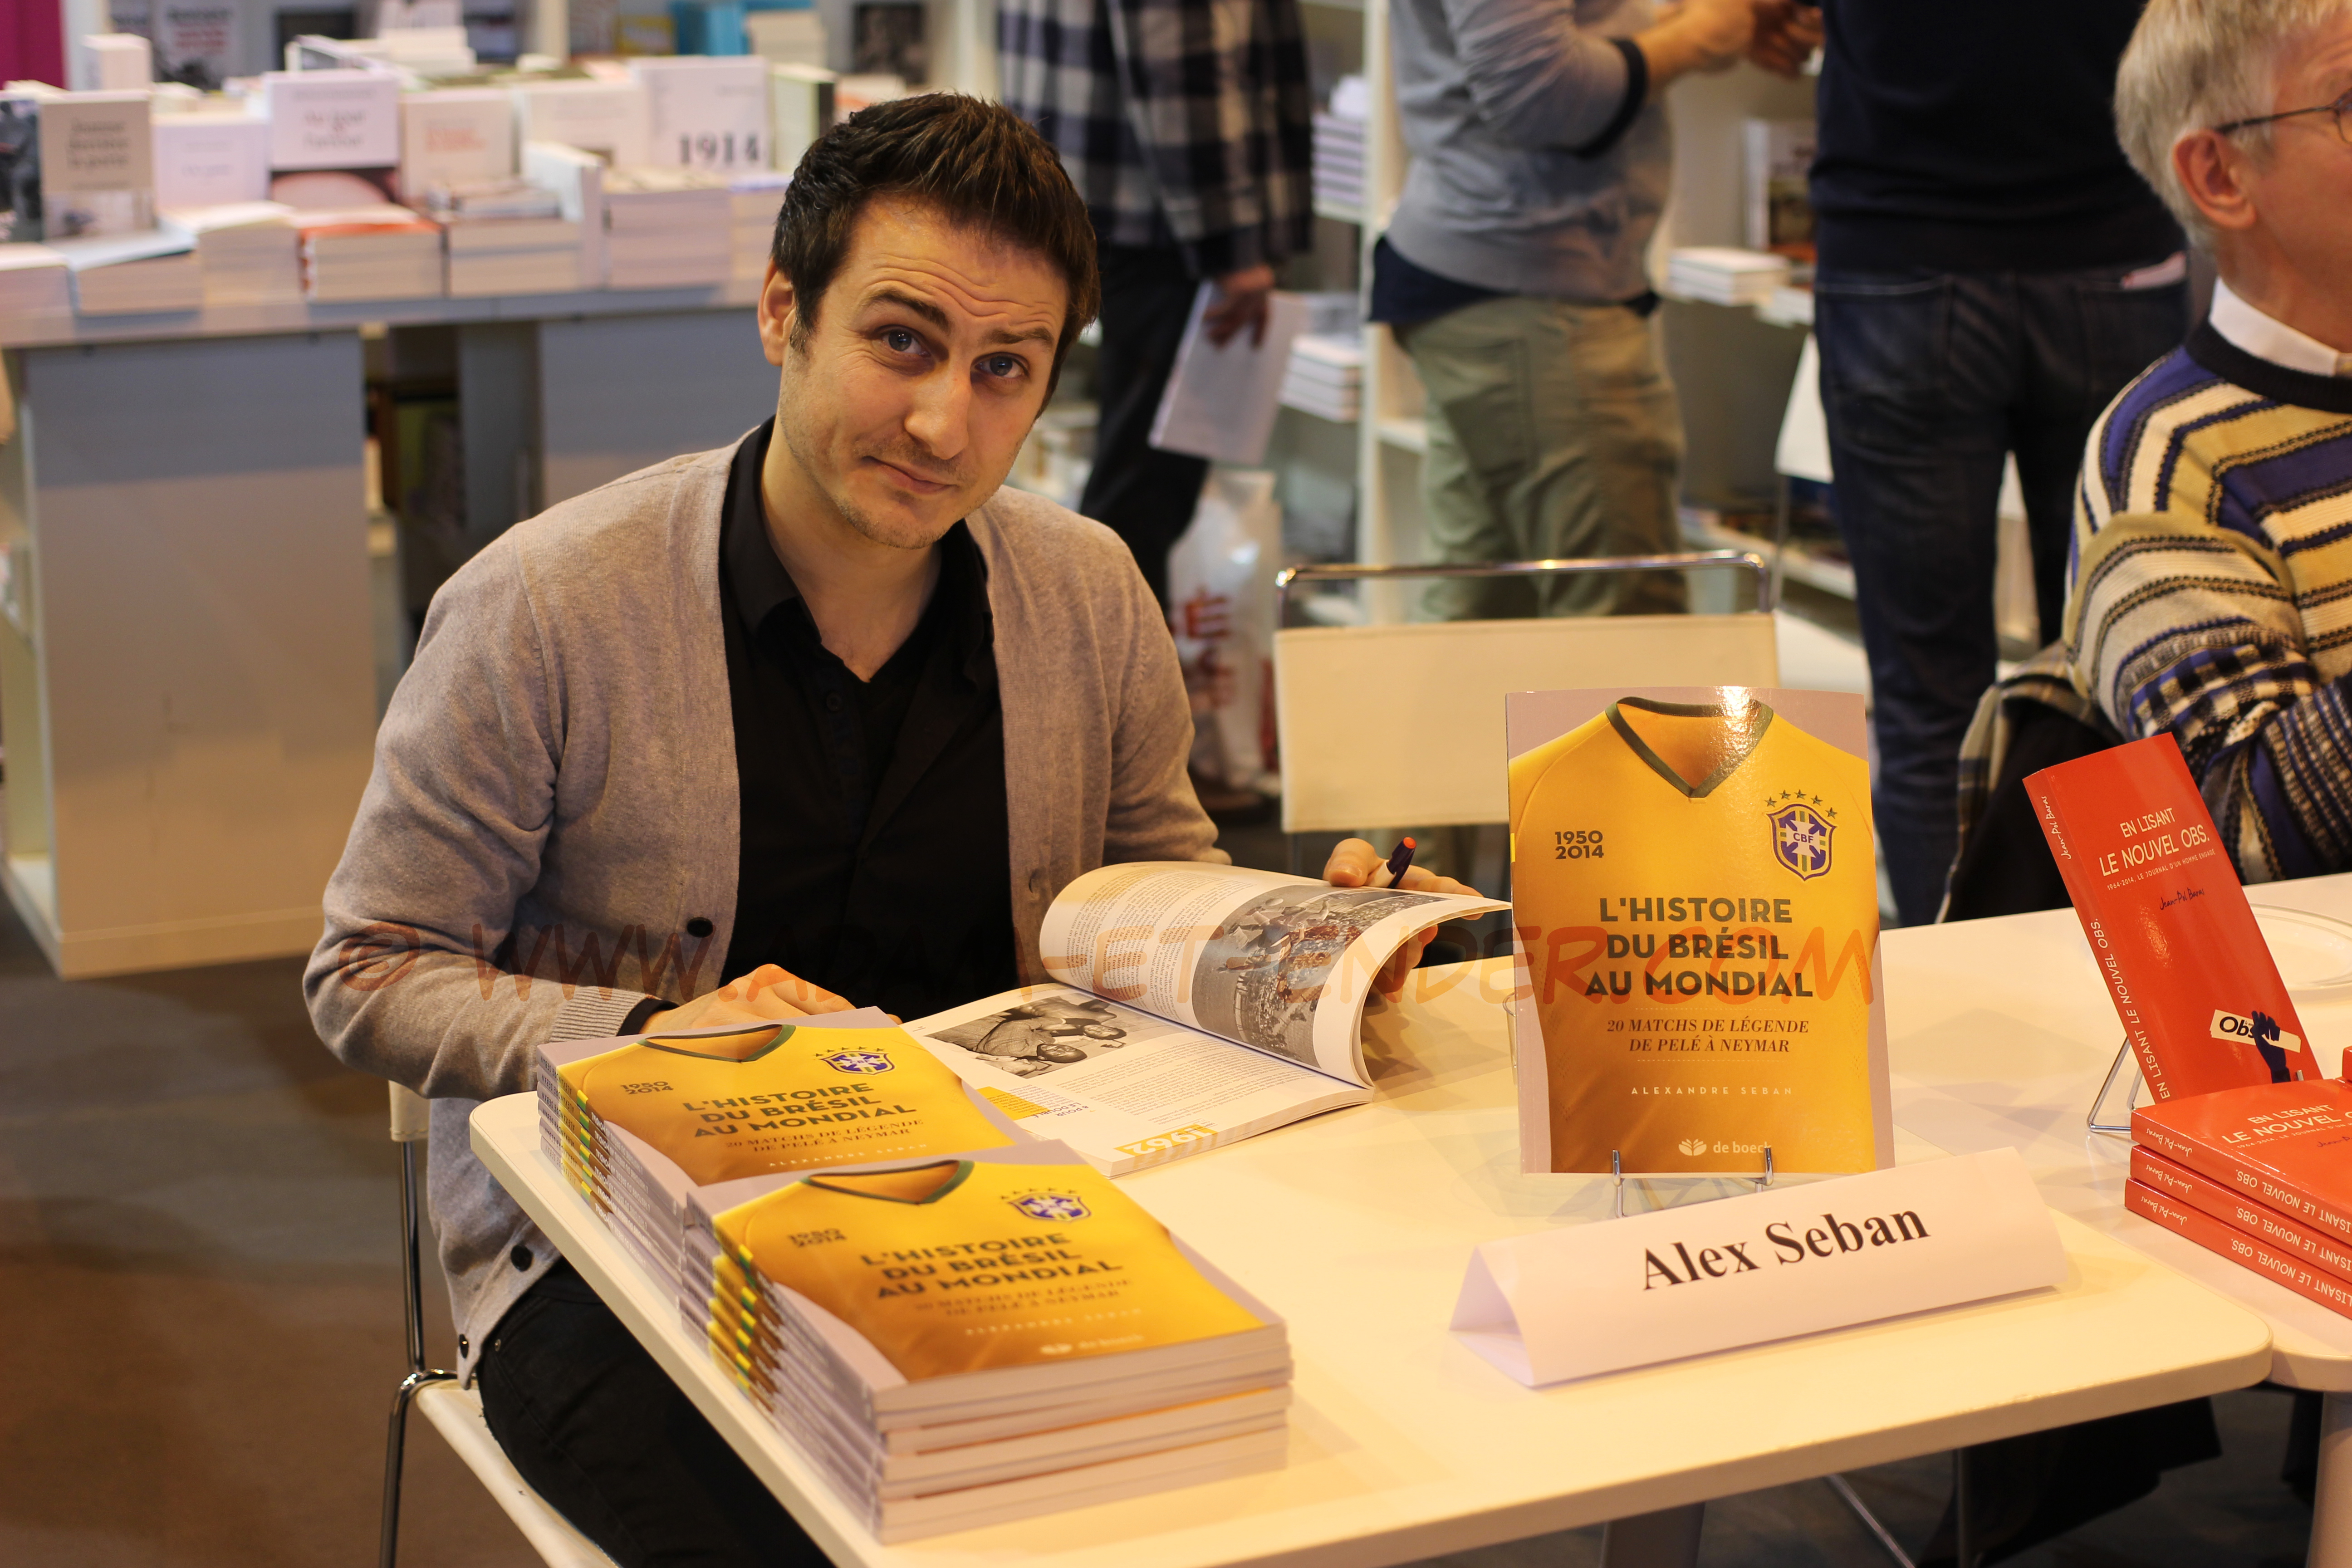 Alexandre Seban en dédicace au Salon du Livre de Paris 2015